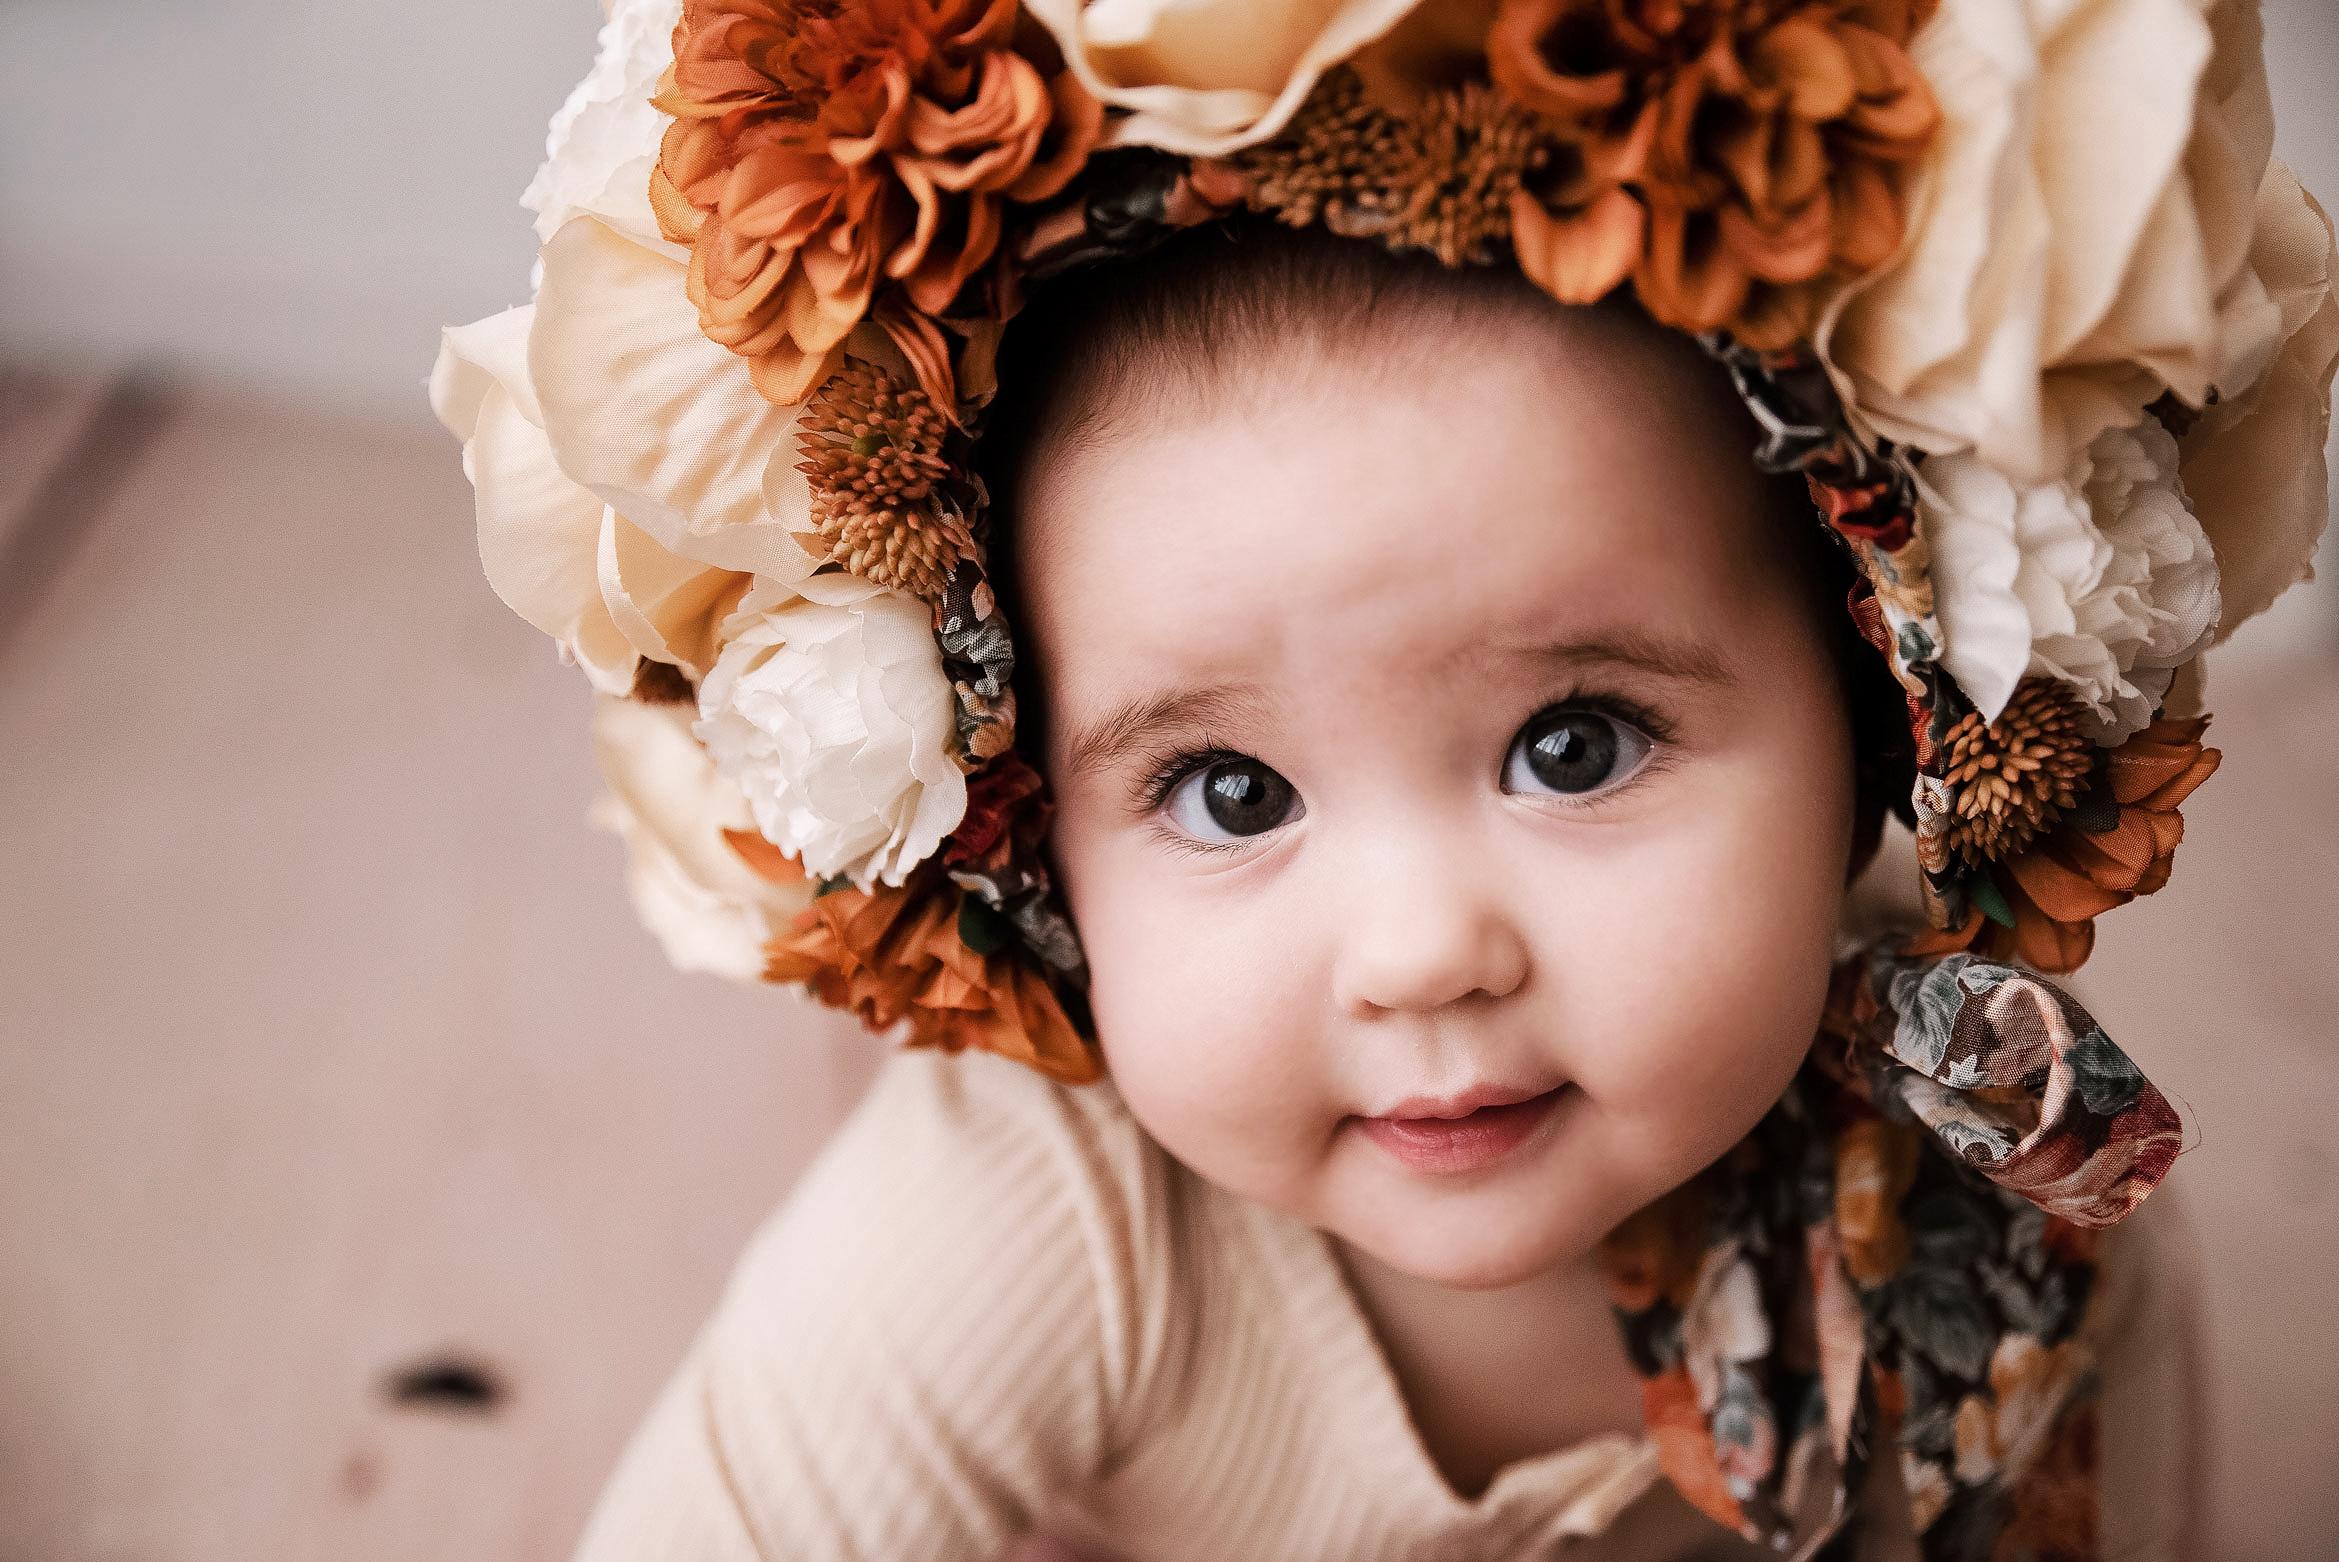 baby-photoshoot-sydney-2